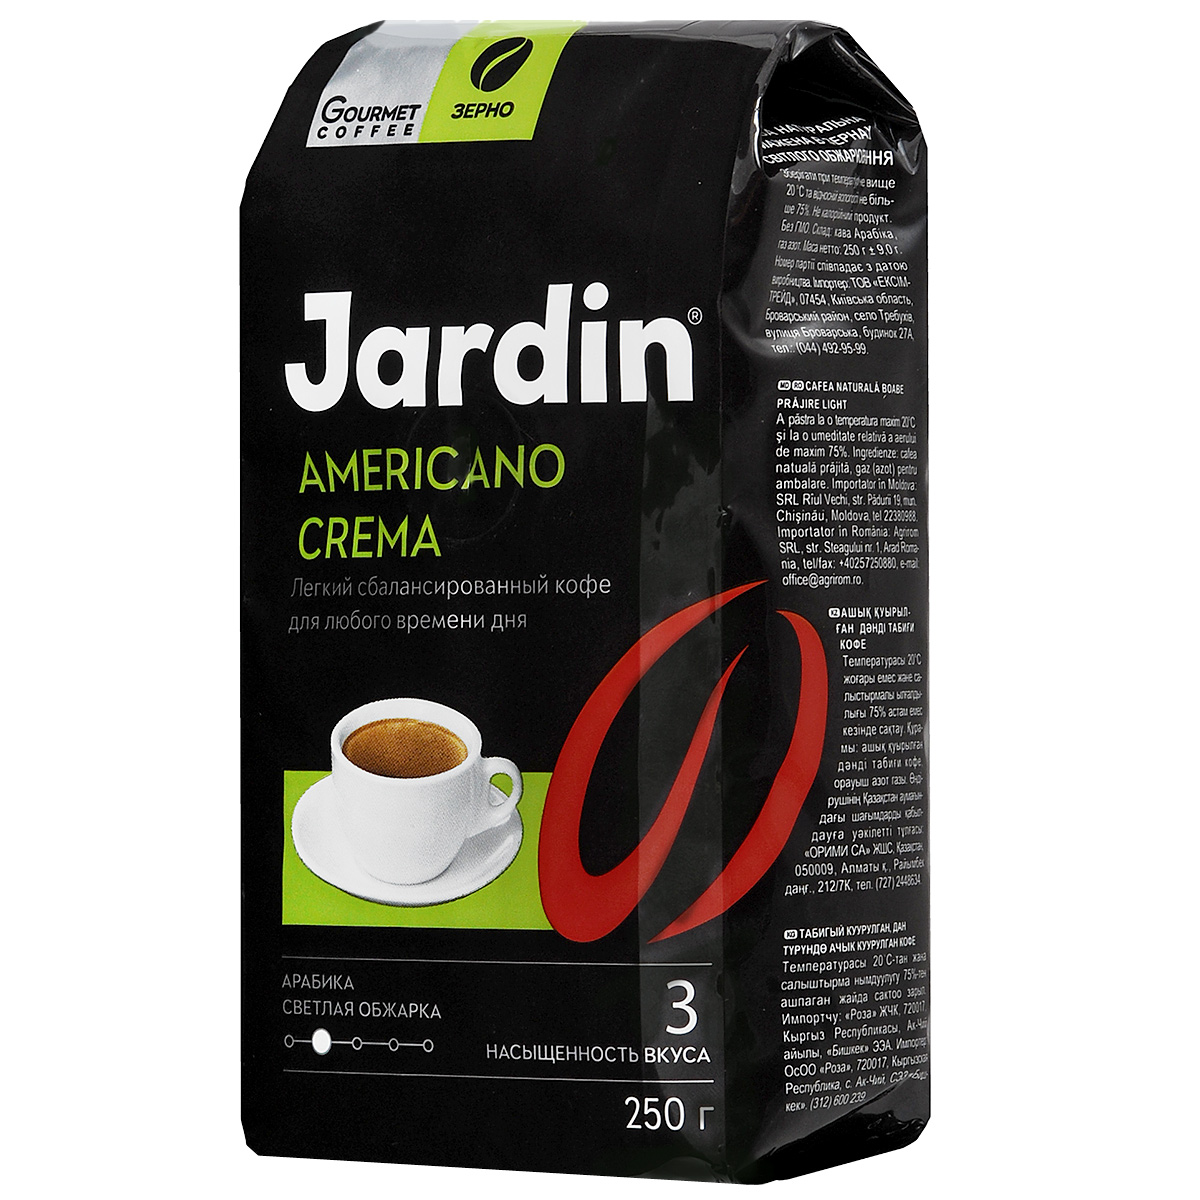 Jardin Crema кофе в зернах, 250 г0552-20-НЛегкий сбалансированный кофе Jardin Americano Crema можно заваривать прямо в чашке. Отличное дополнение любого дня с утра до самого вечера.Кофе: мифы и факты. Статья OZON Гид